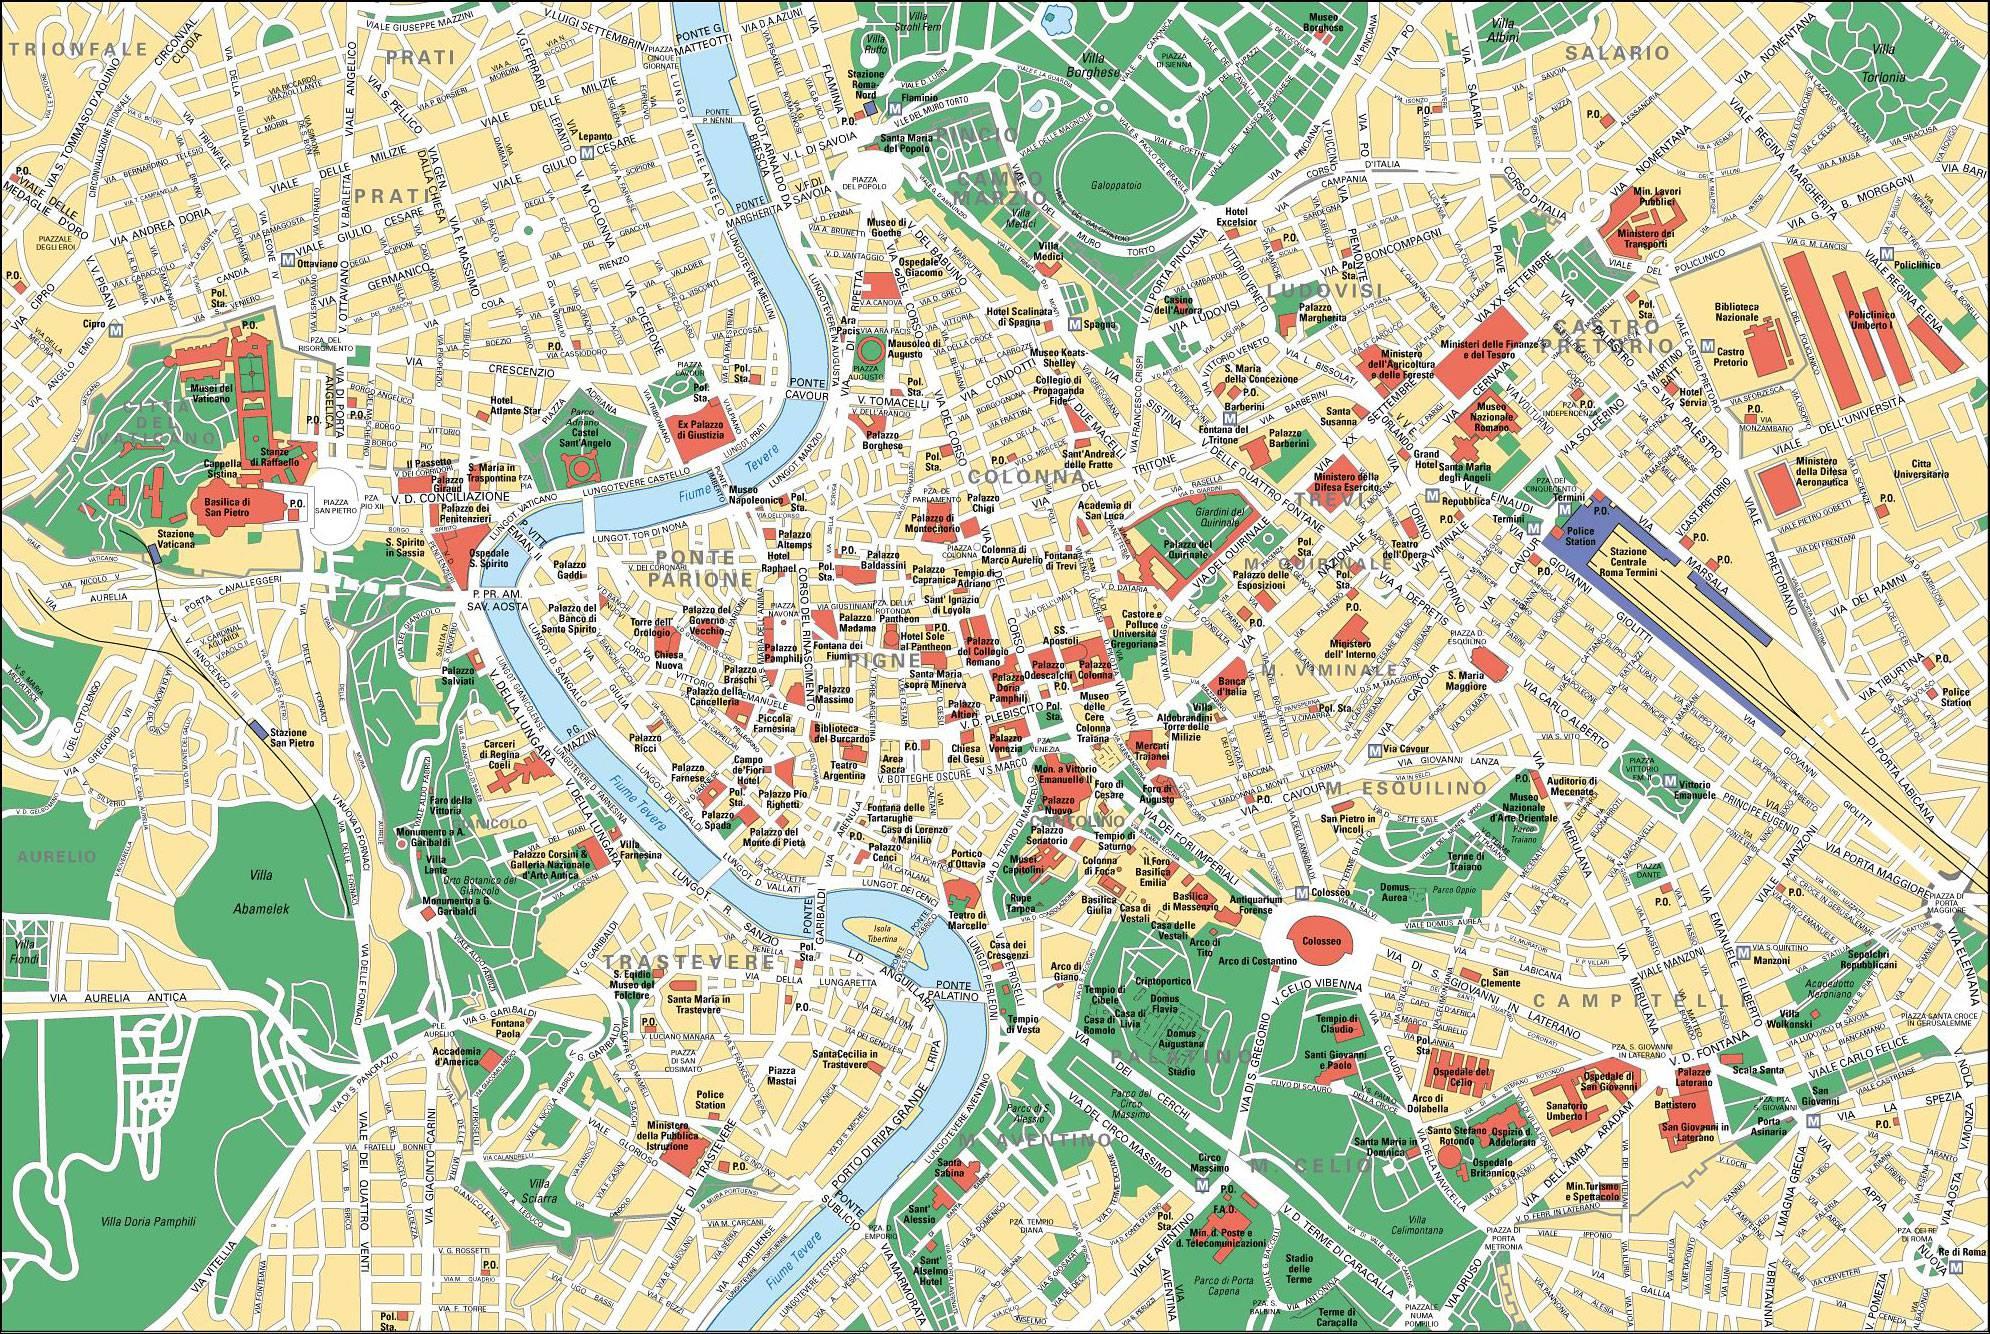 Carte touristique de Rome